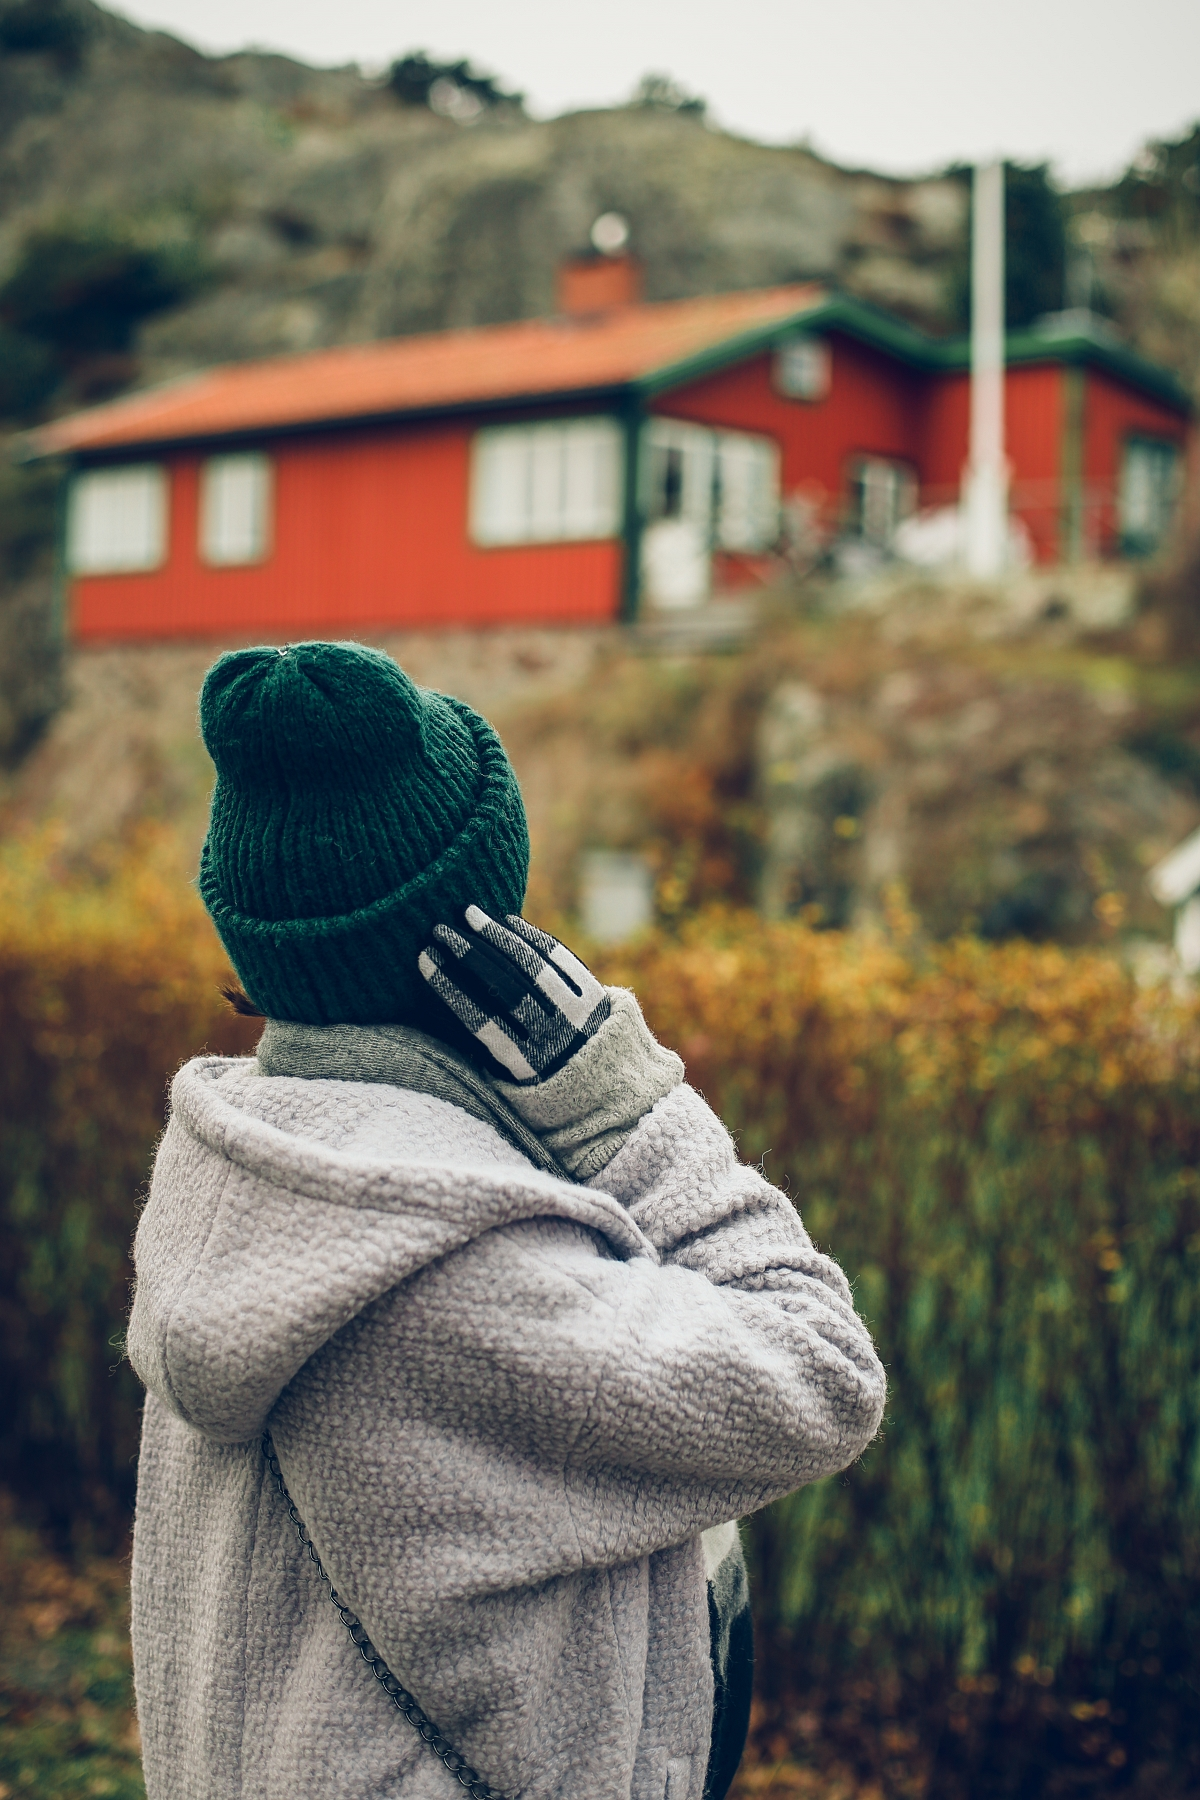 skandynawski look moodo szara stylizacja zielona czapka krata